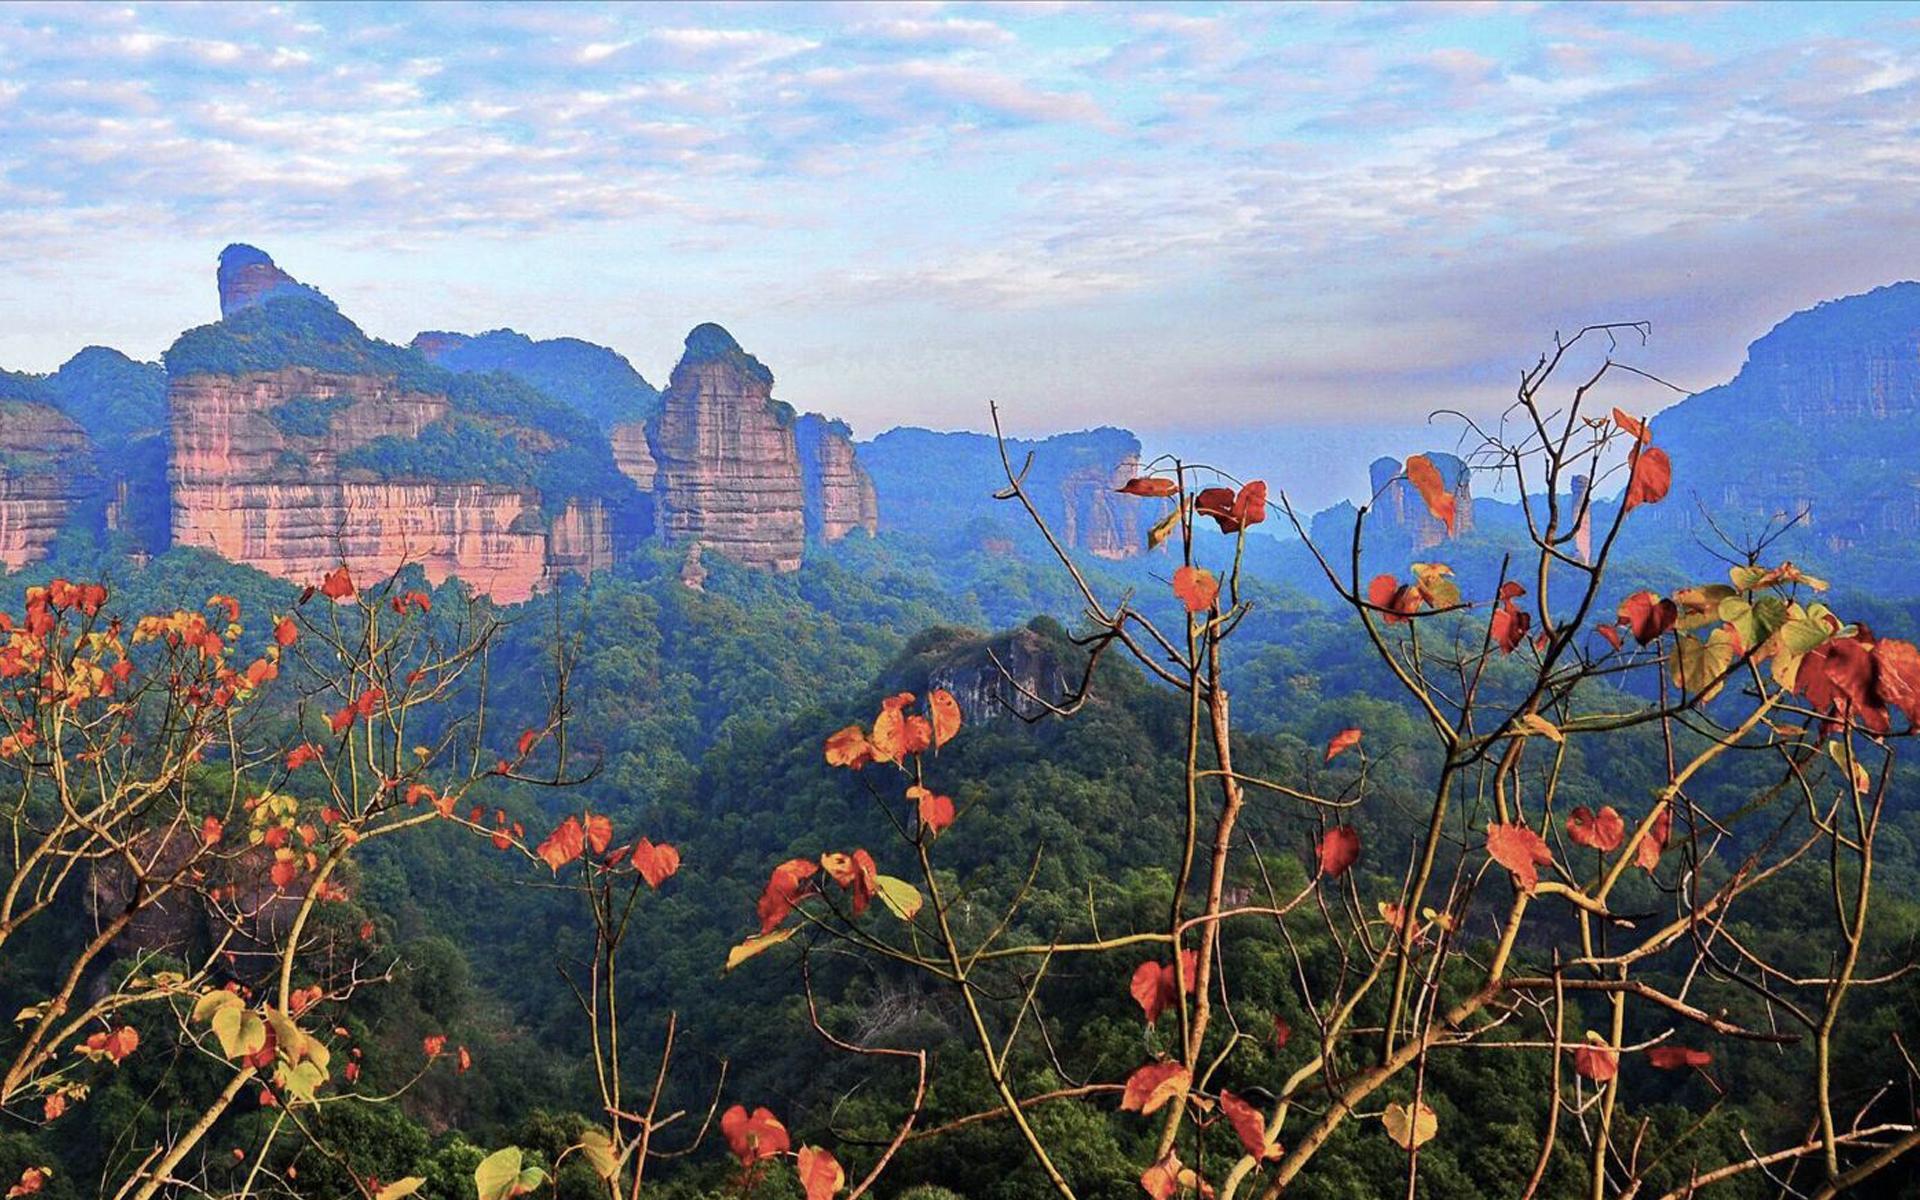 韶关丹霞山风景图片桌面壁纸